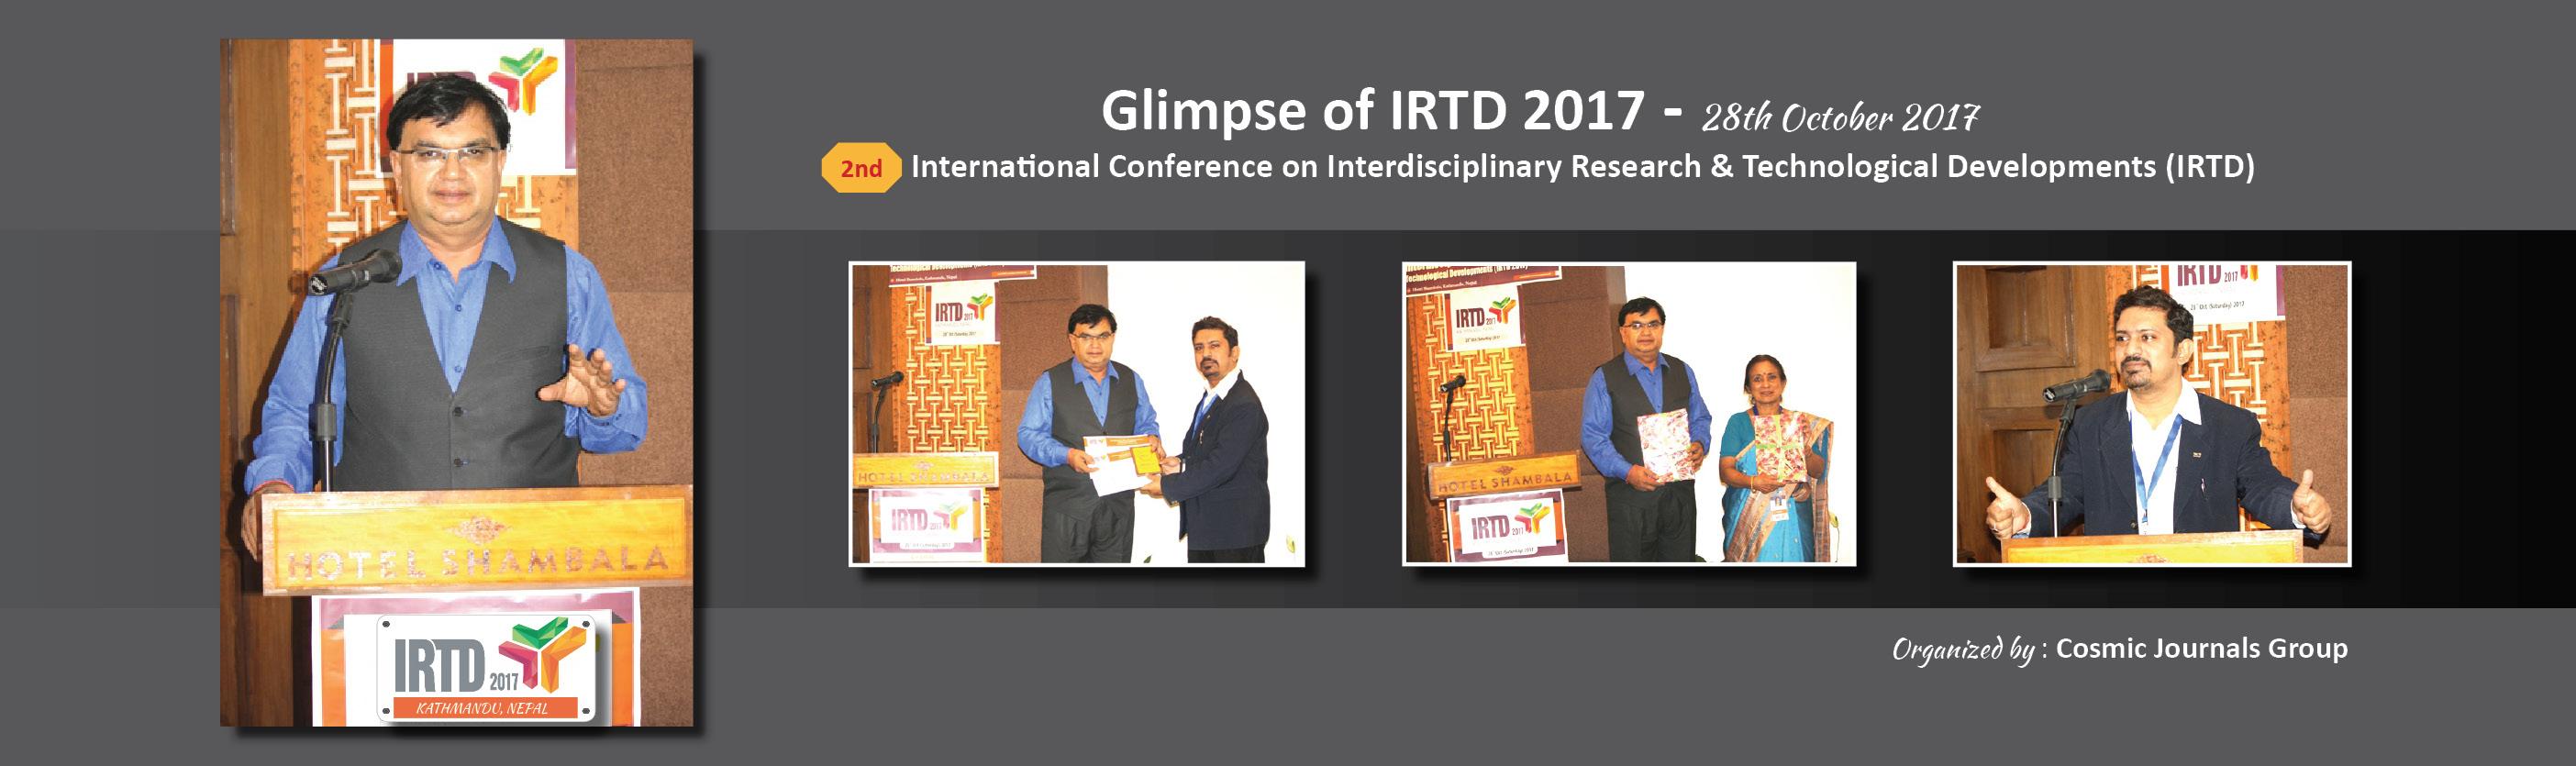 IJRMET-IRTD-2017-Glimpse-Slider-1